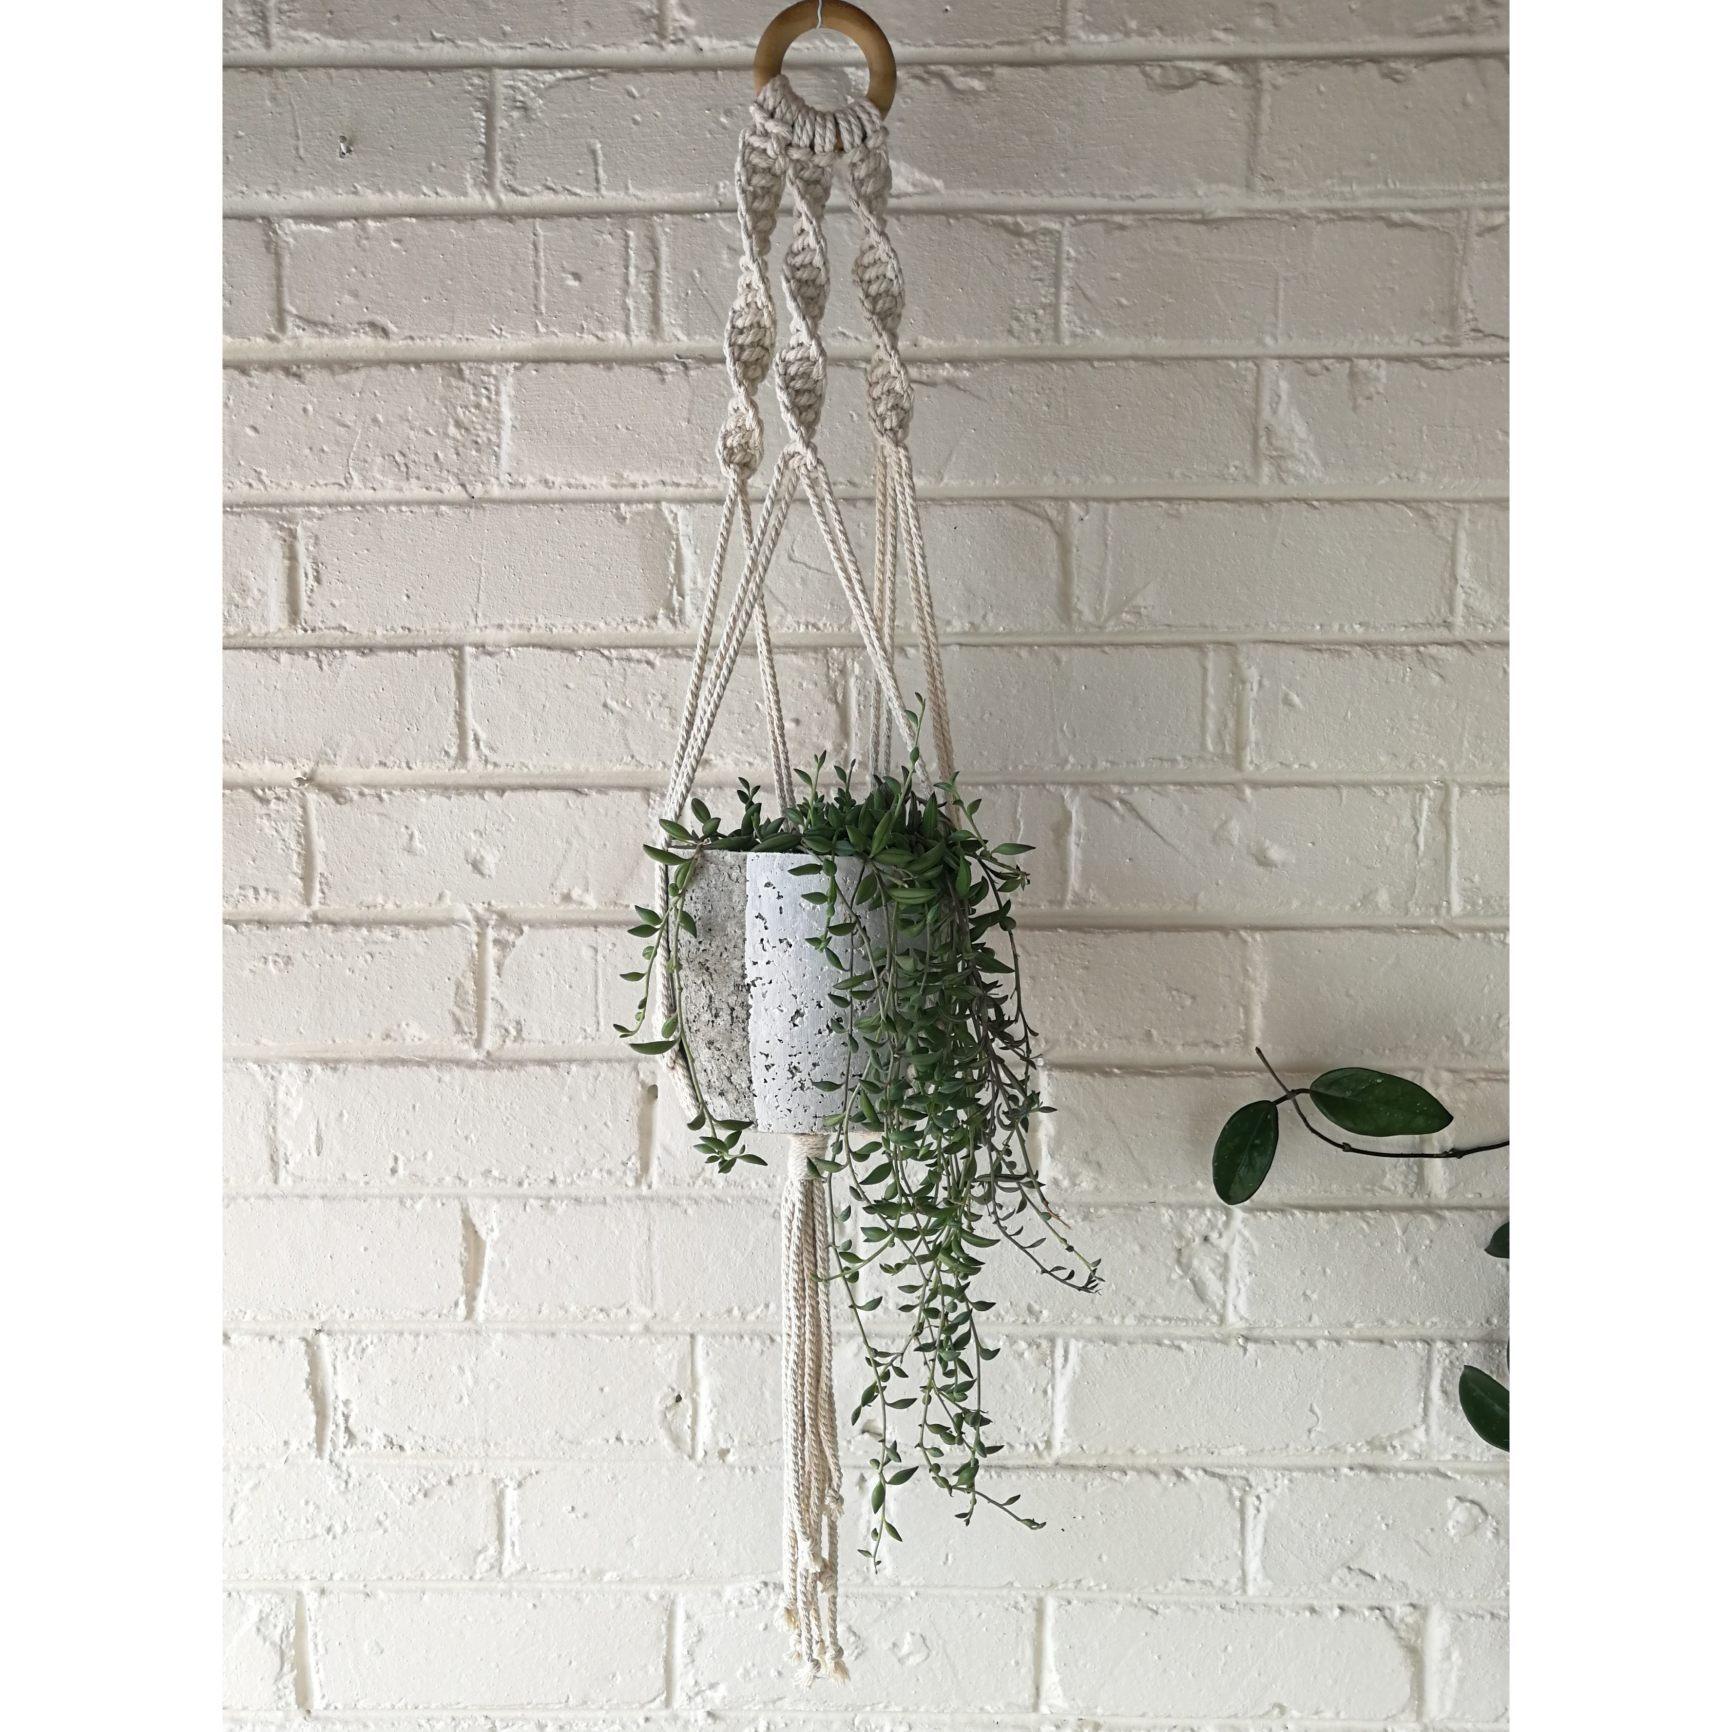 Macramé hanger with white plant pot